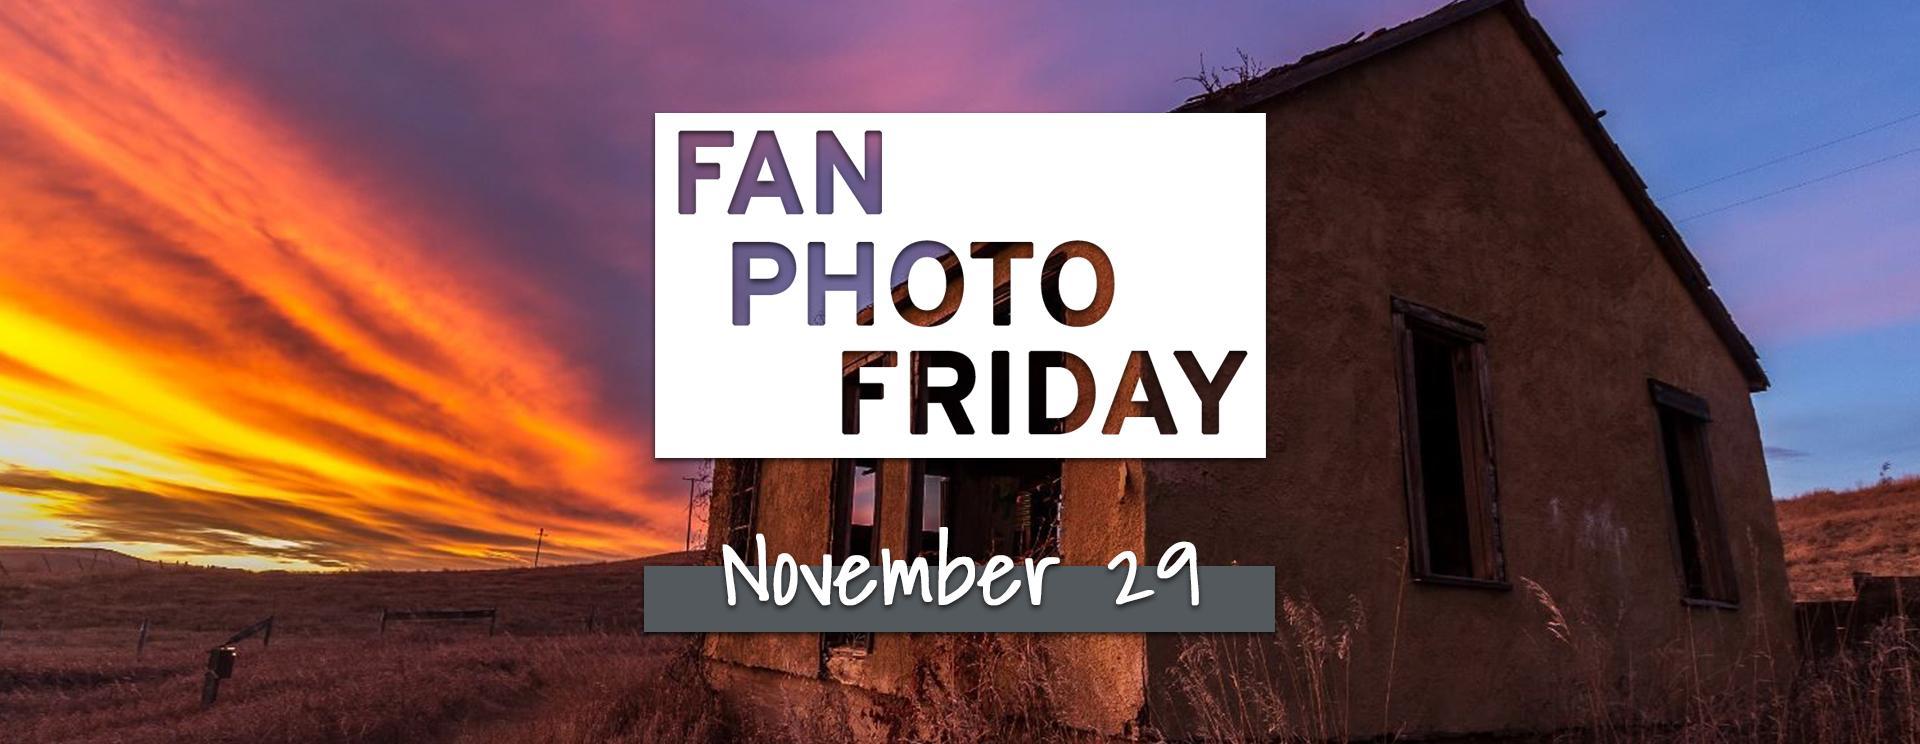 Fan Photo Friday | November 29, 2019